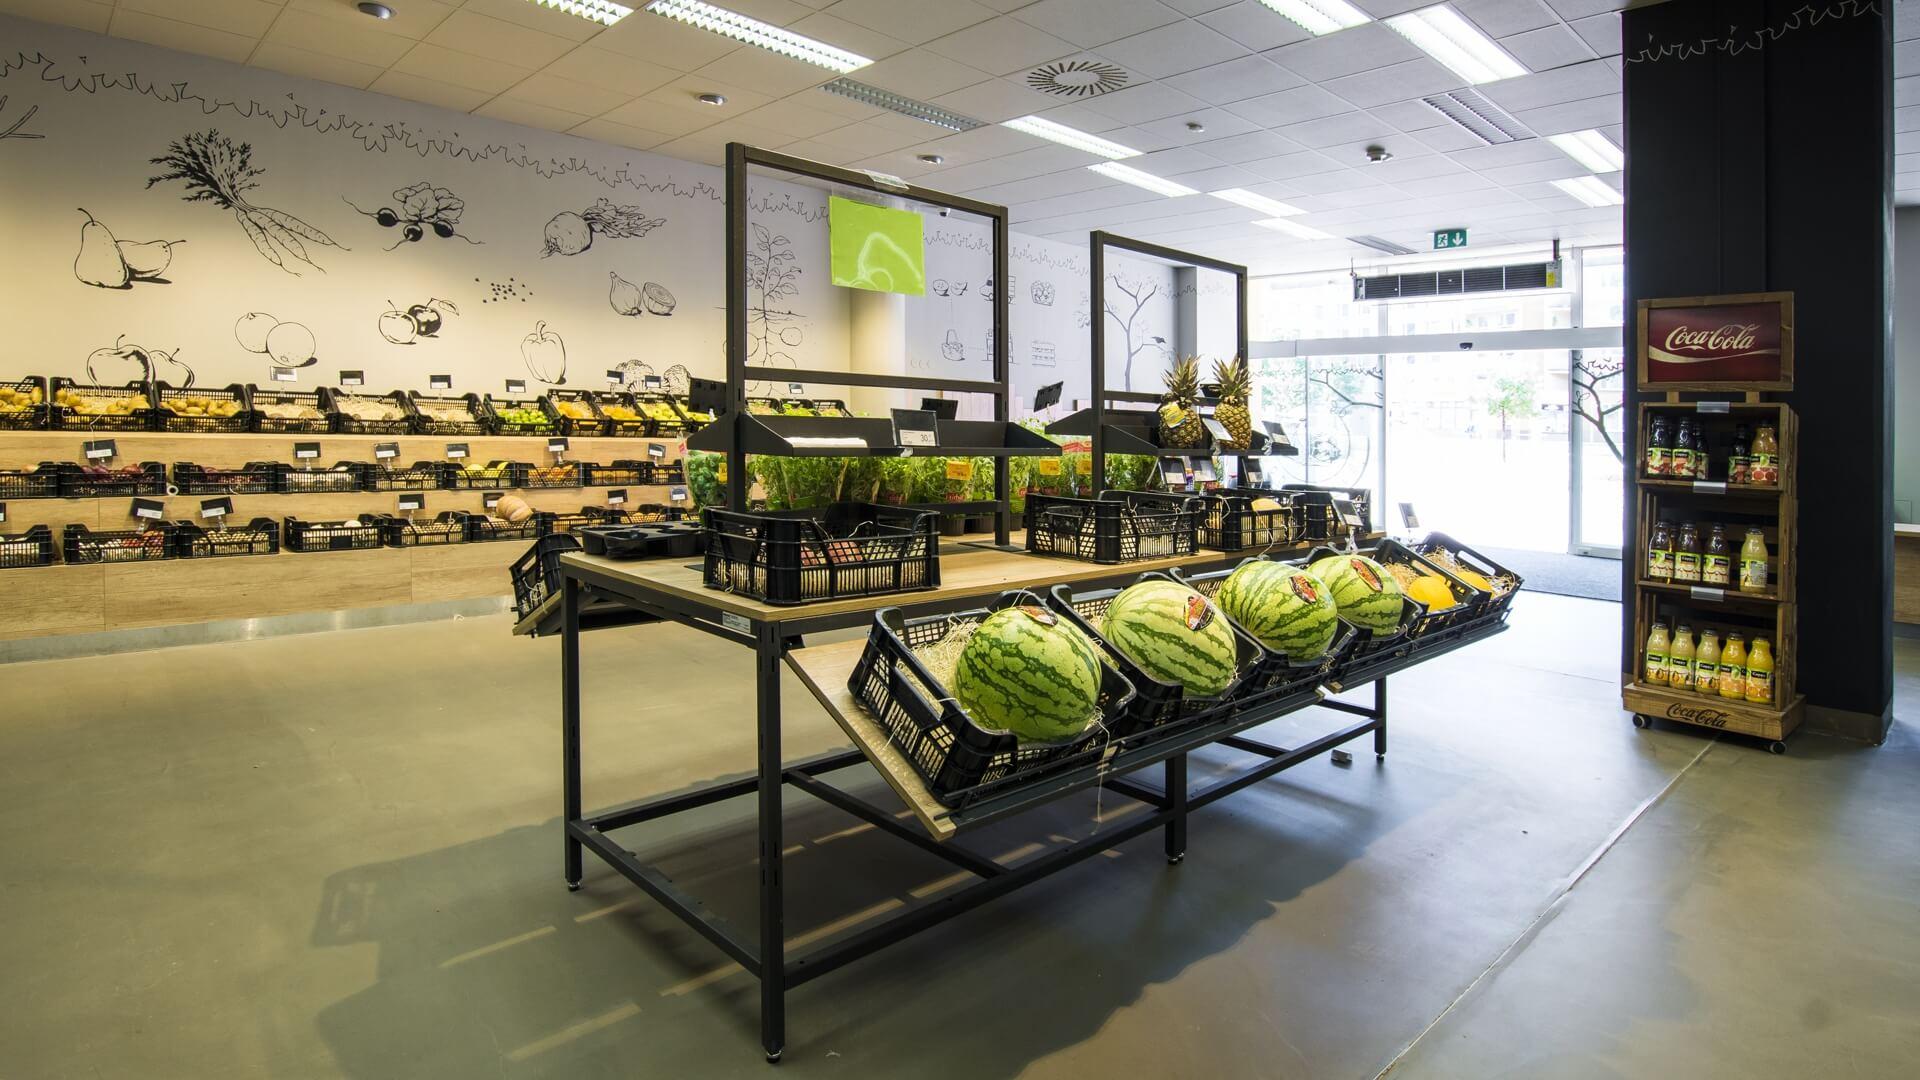 FESCHU Potraviny Kolonial Praha Barrandov ovoce zelenina